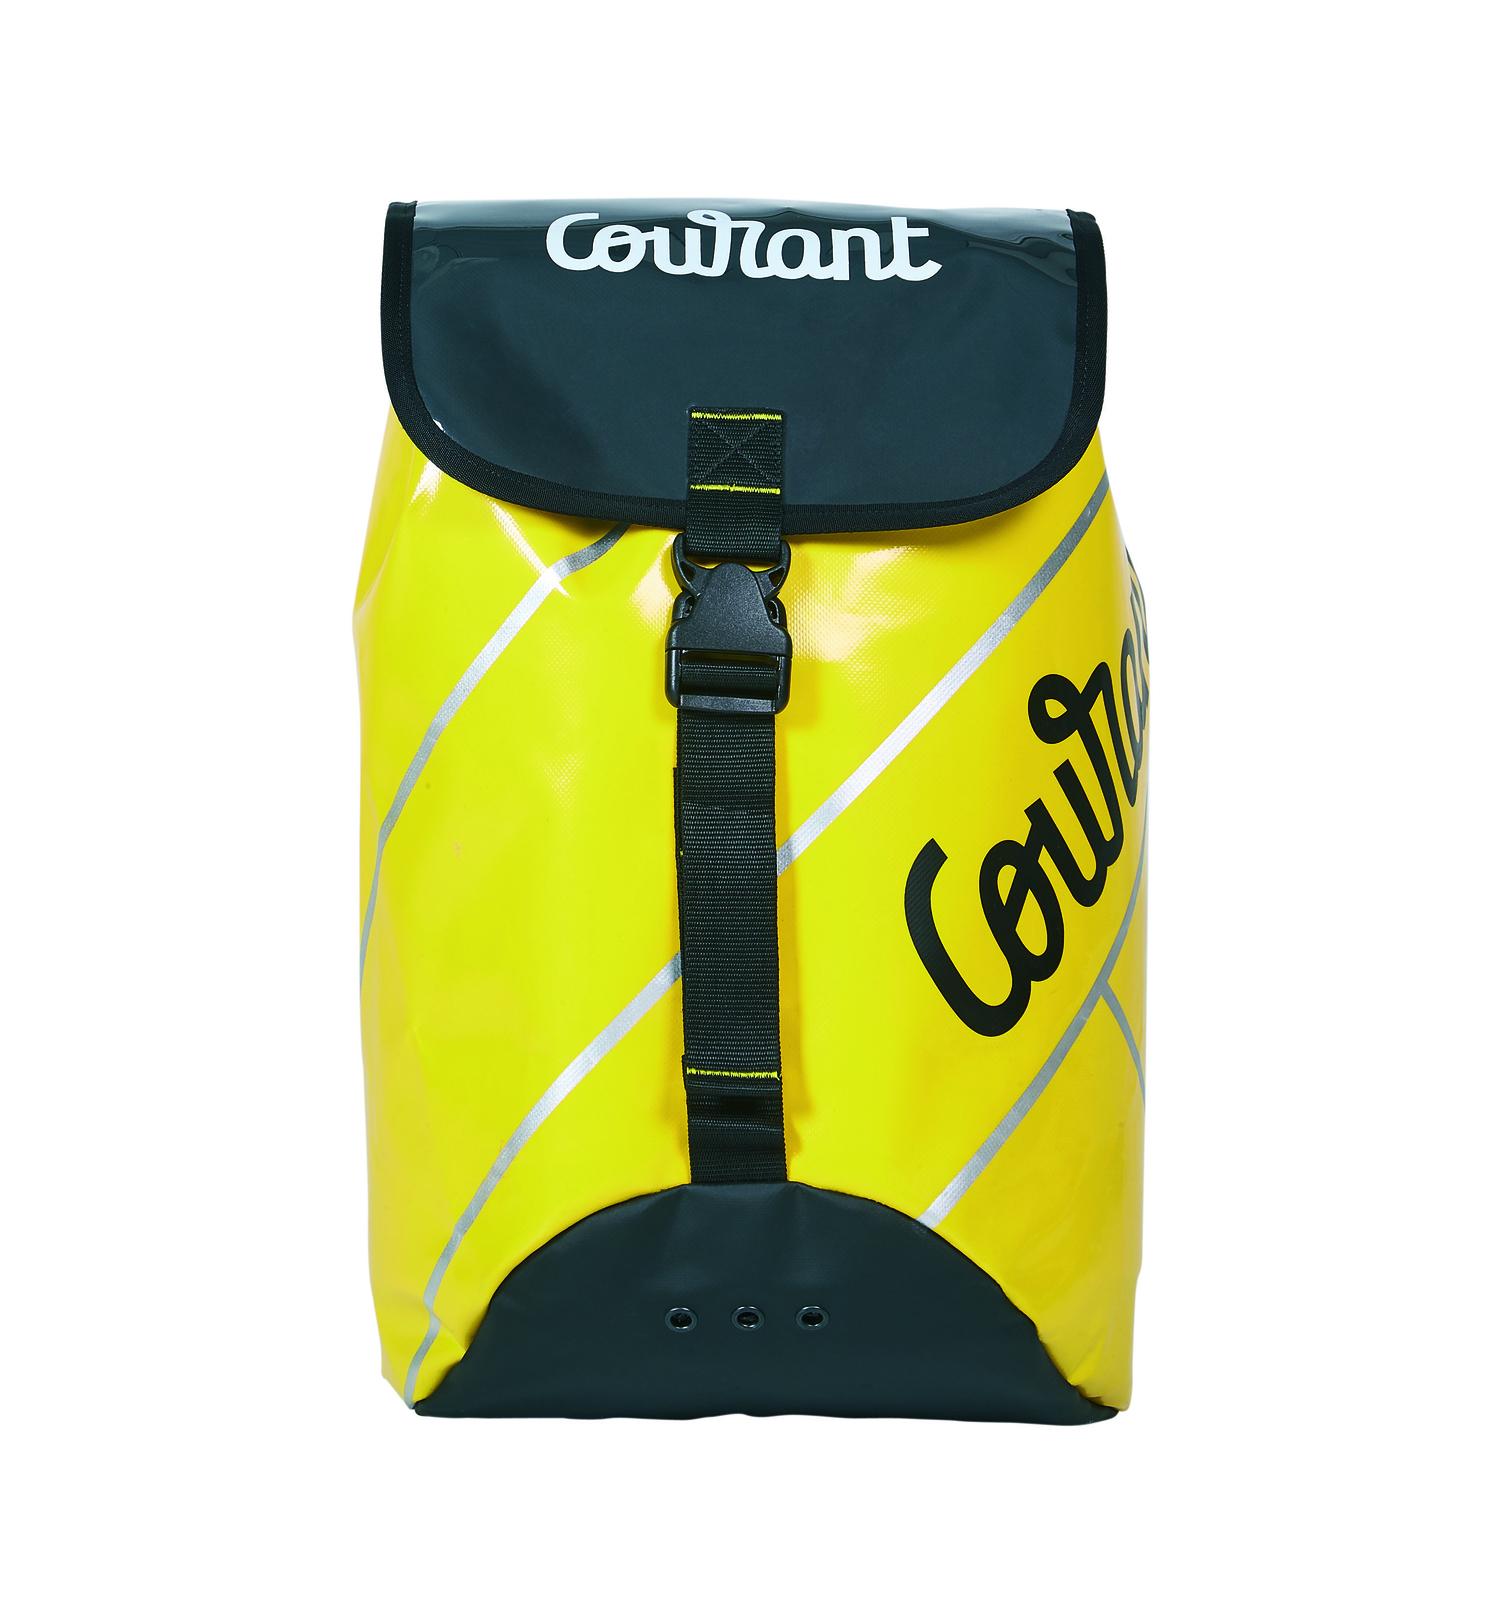 Courant Cargo